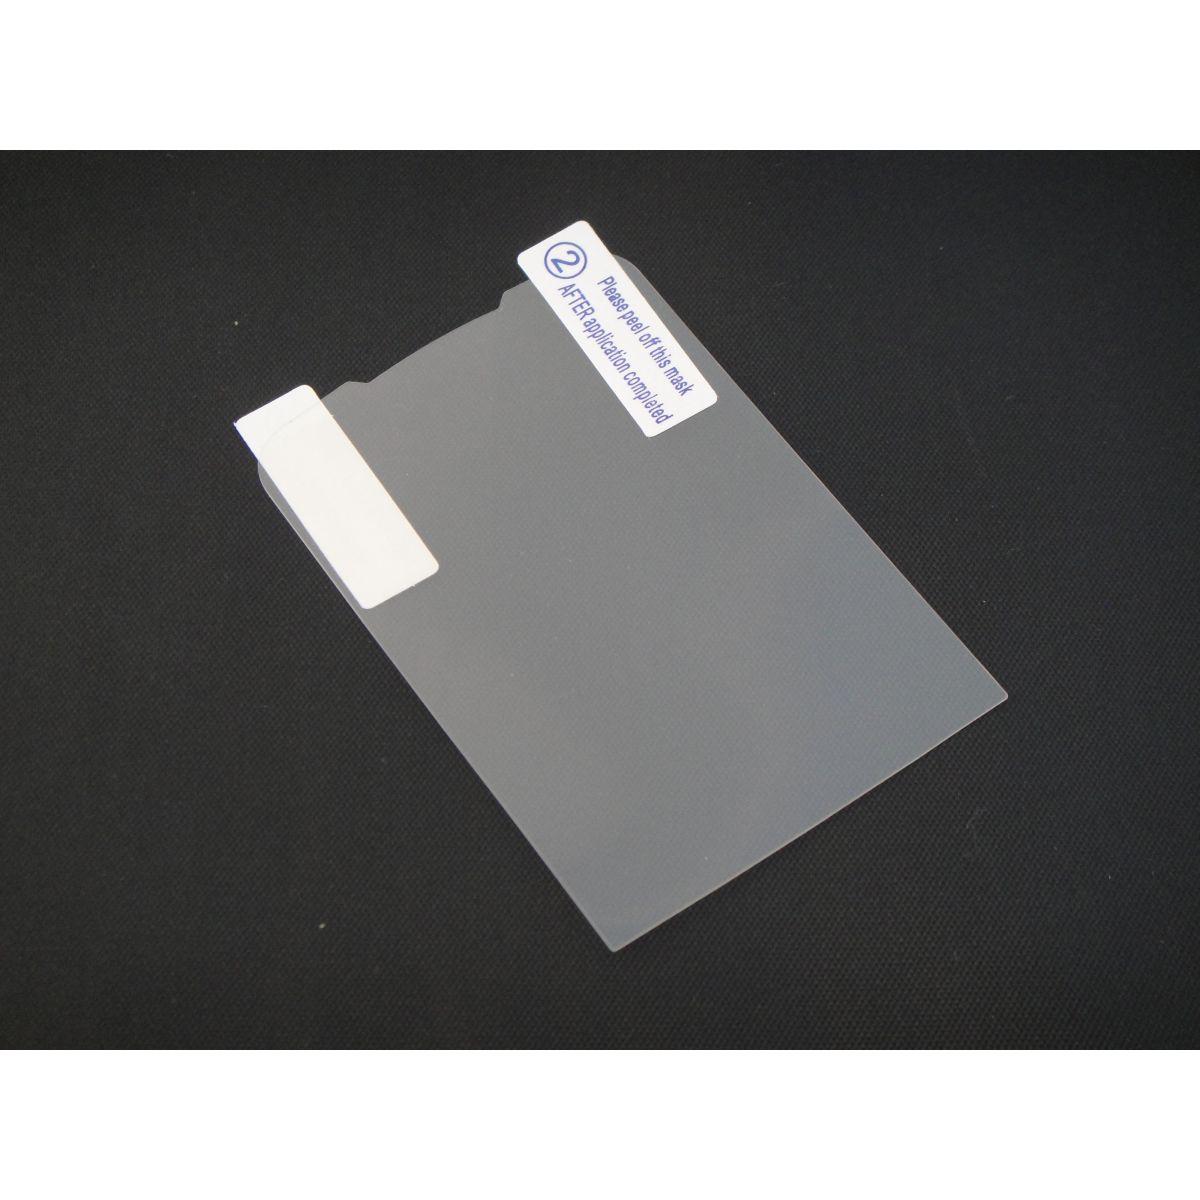 Pelicula Protetora para Lg Optimus Pro C660 Fosca